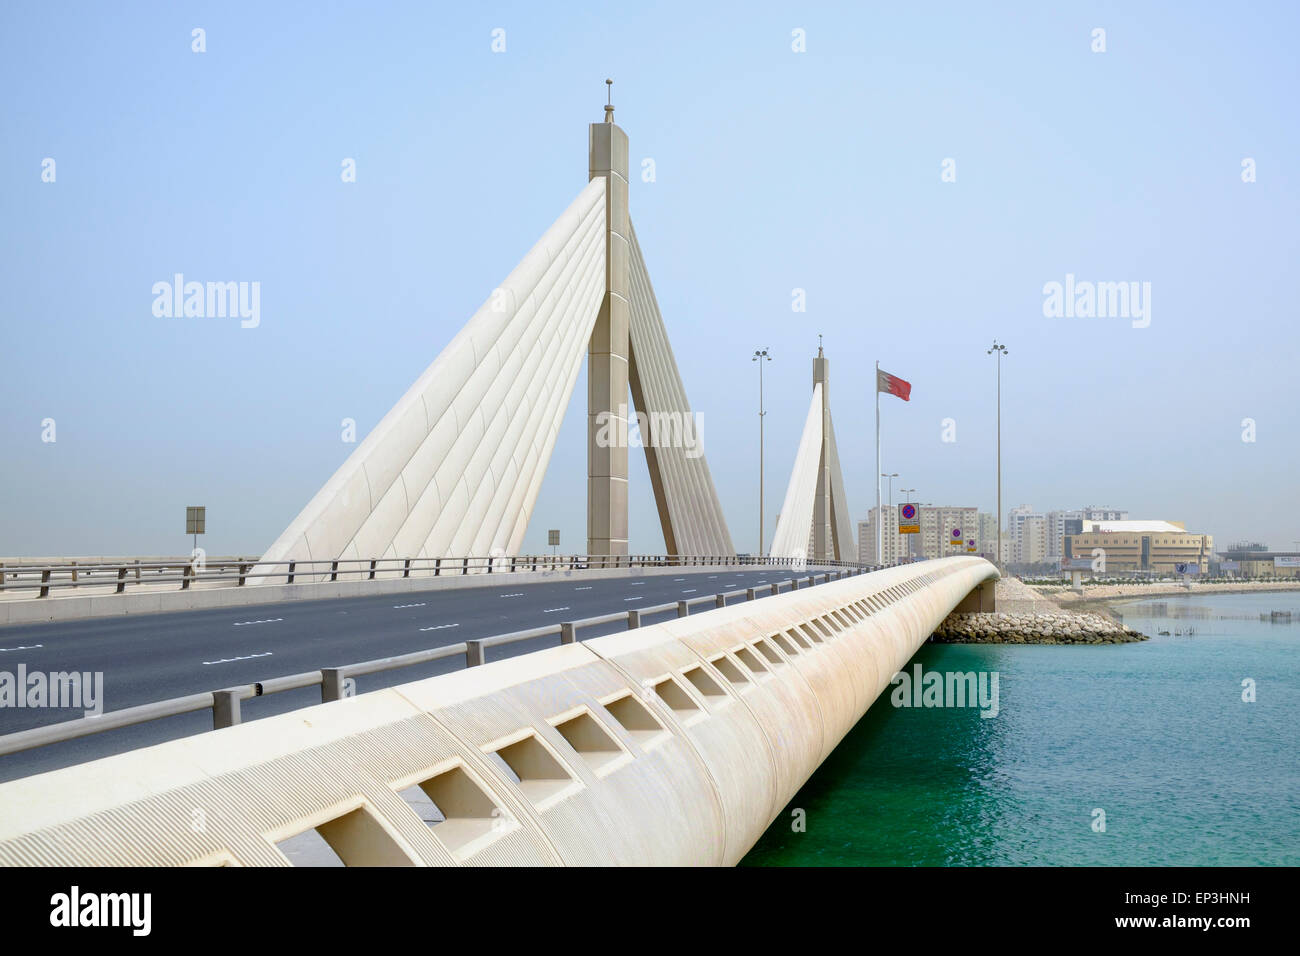 El Jeque Isa bin Salman puente Causeway, la vinculación de la isla de Muharraq y Manama en Reino de Bahréin Imagen De Stock